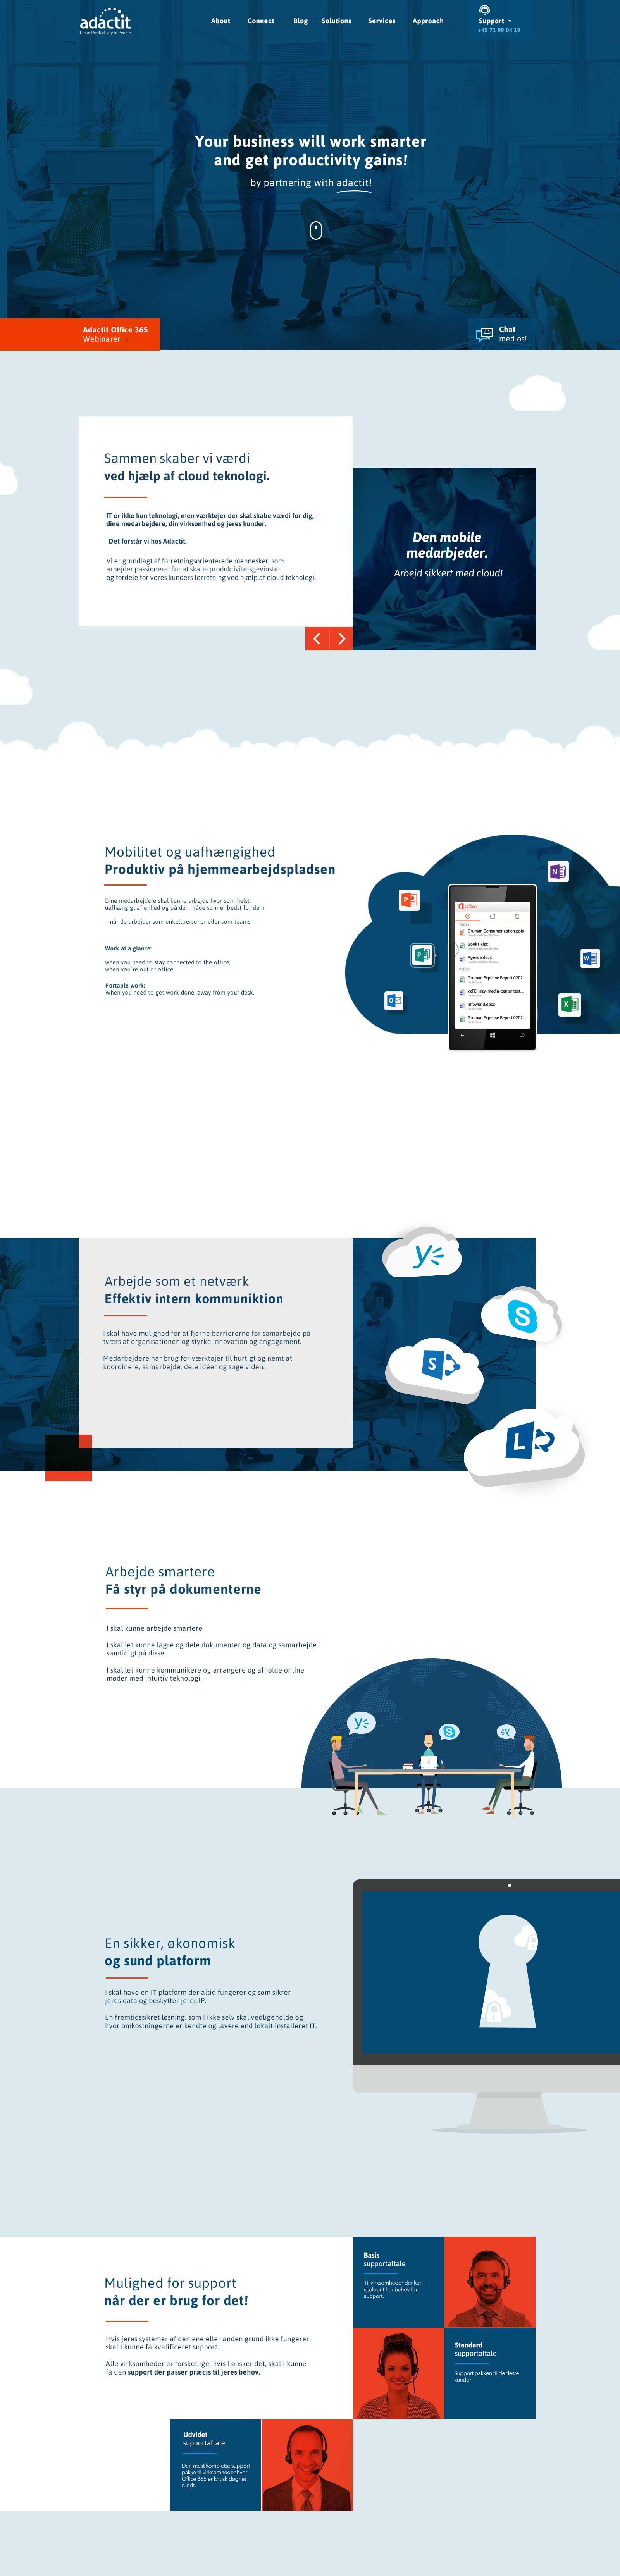 Adactit_web